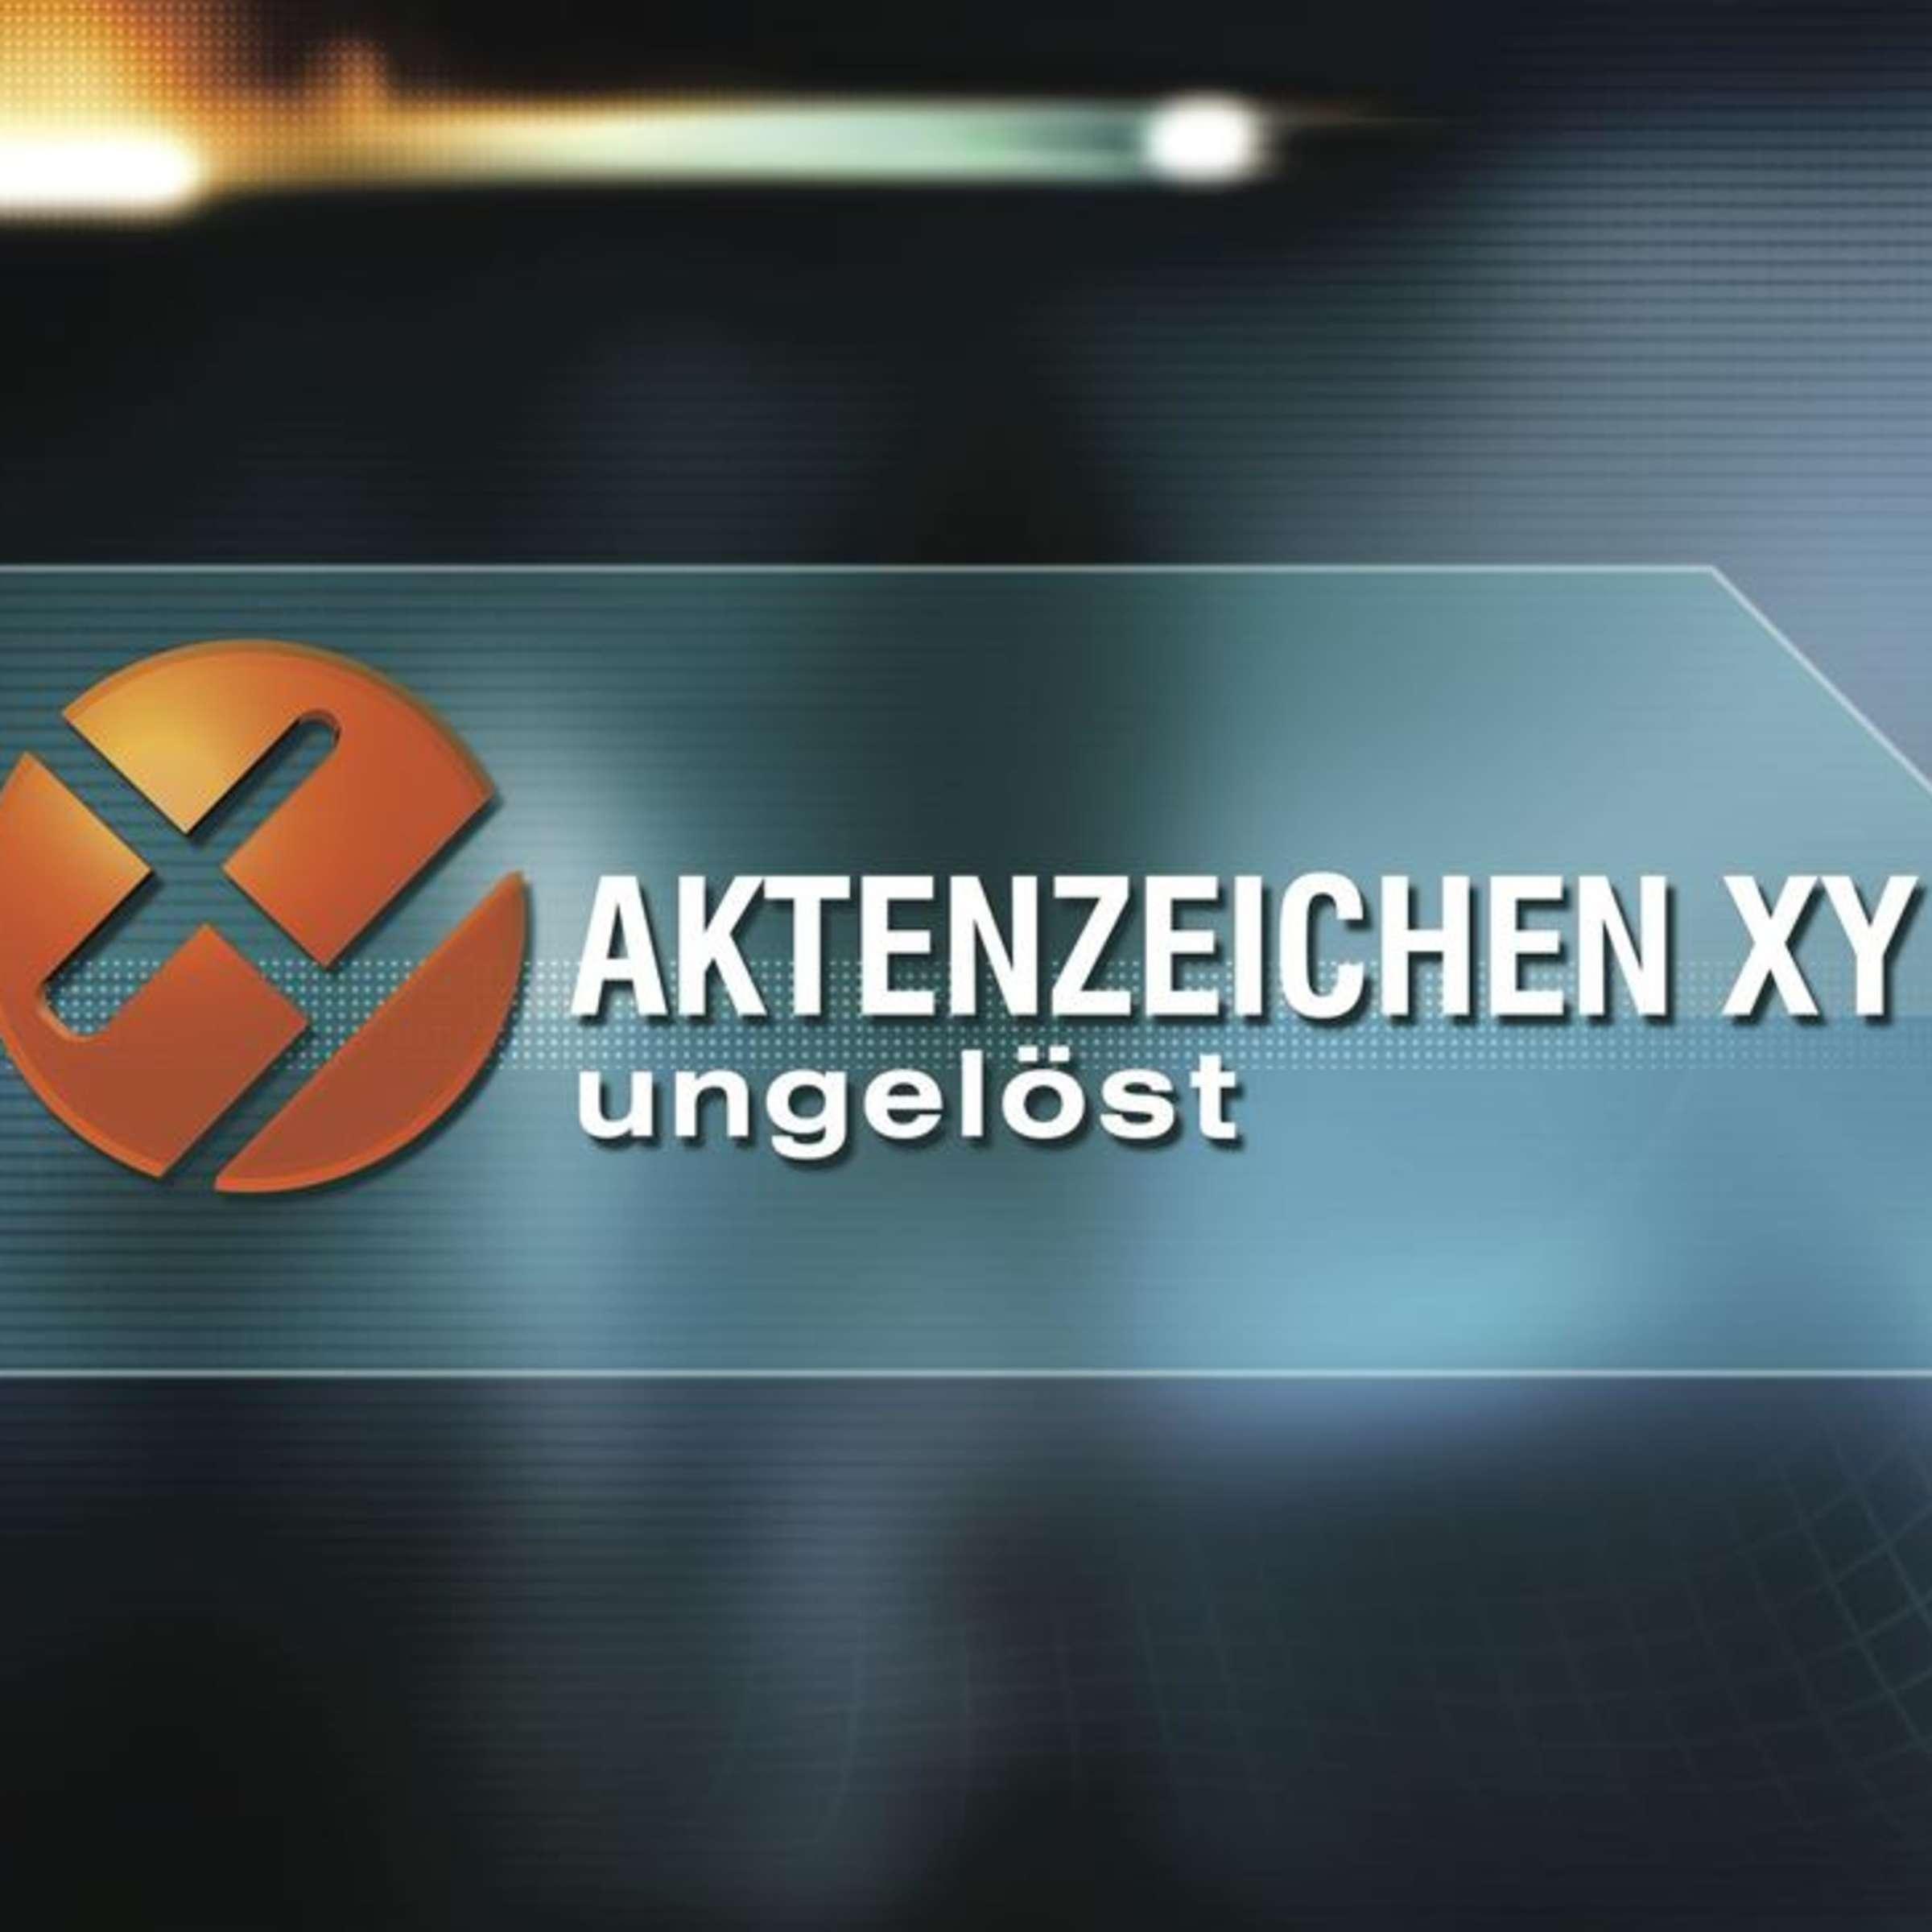 Aktenzeichen Xy Sucht Arolser Kupferdiebe Bad Arolsen